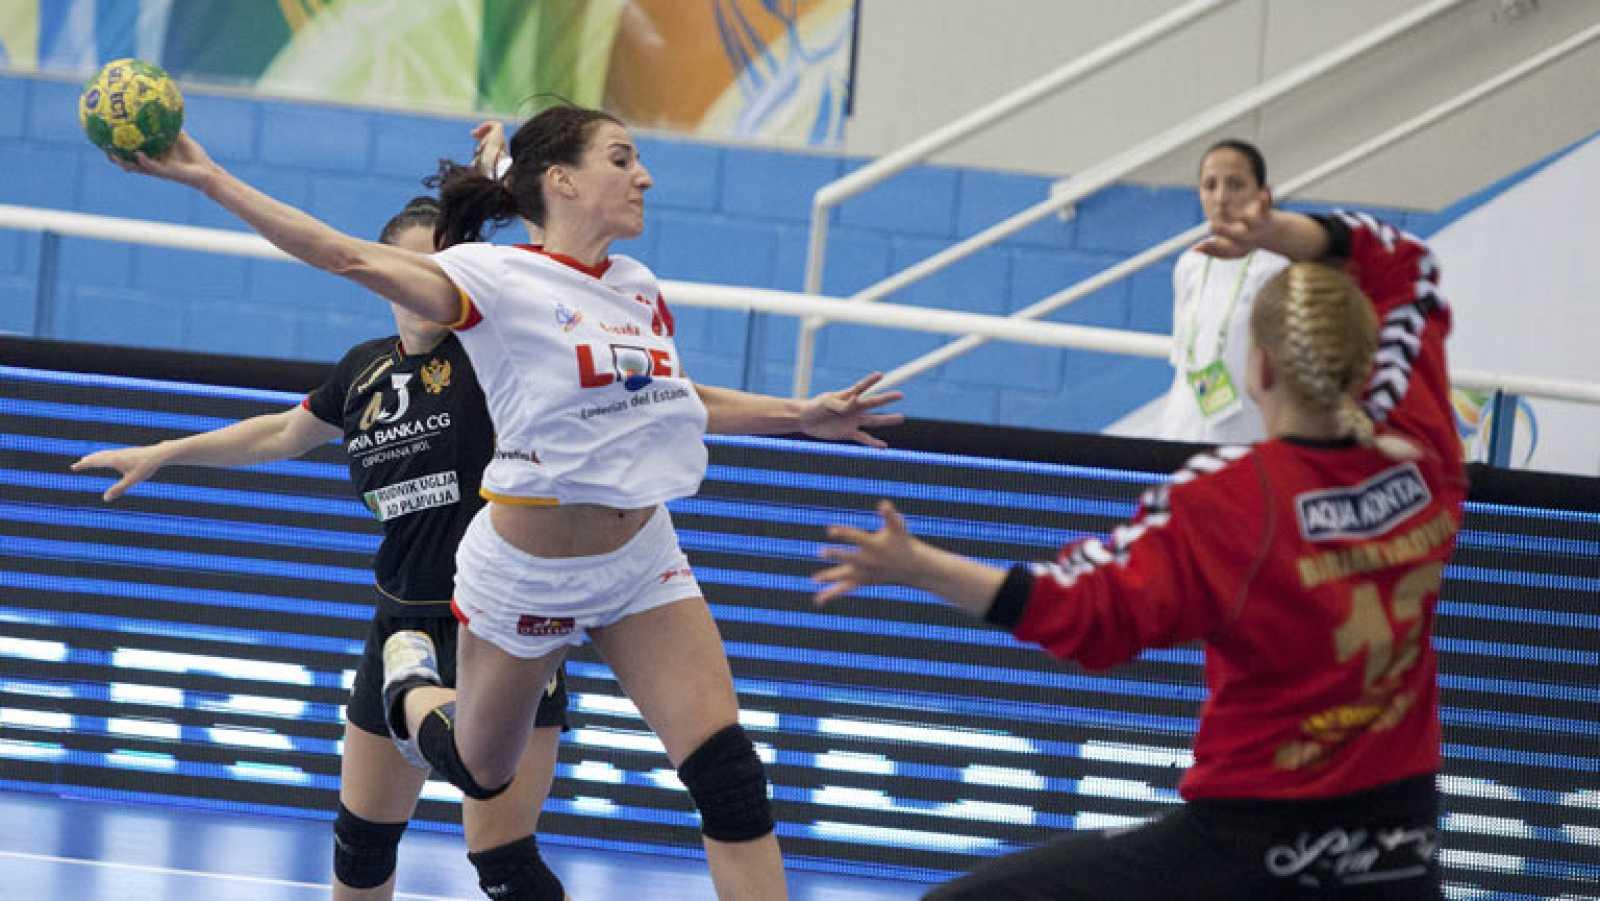 Balonmano Femenino Mundial España Se Cuelga La Medalla De Bronce En El Mundial De Balonmano Femenino Rtve Es